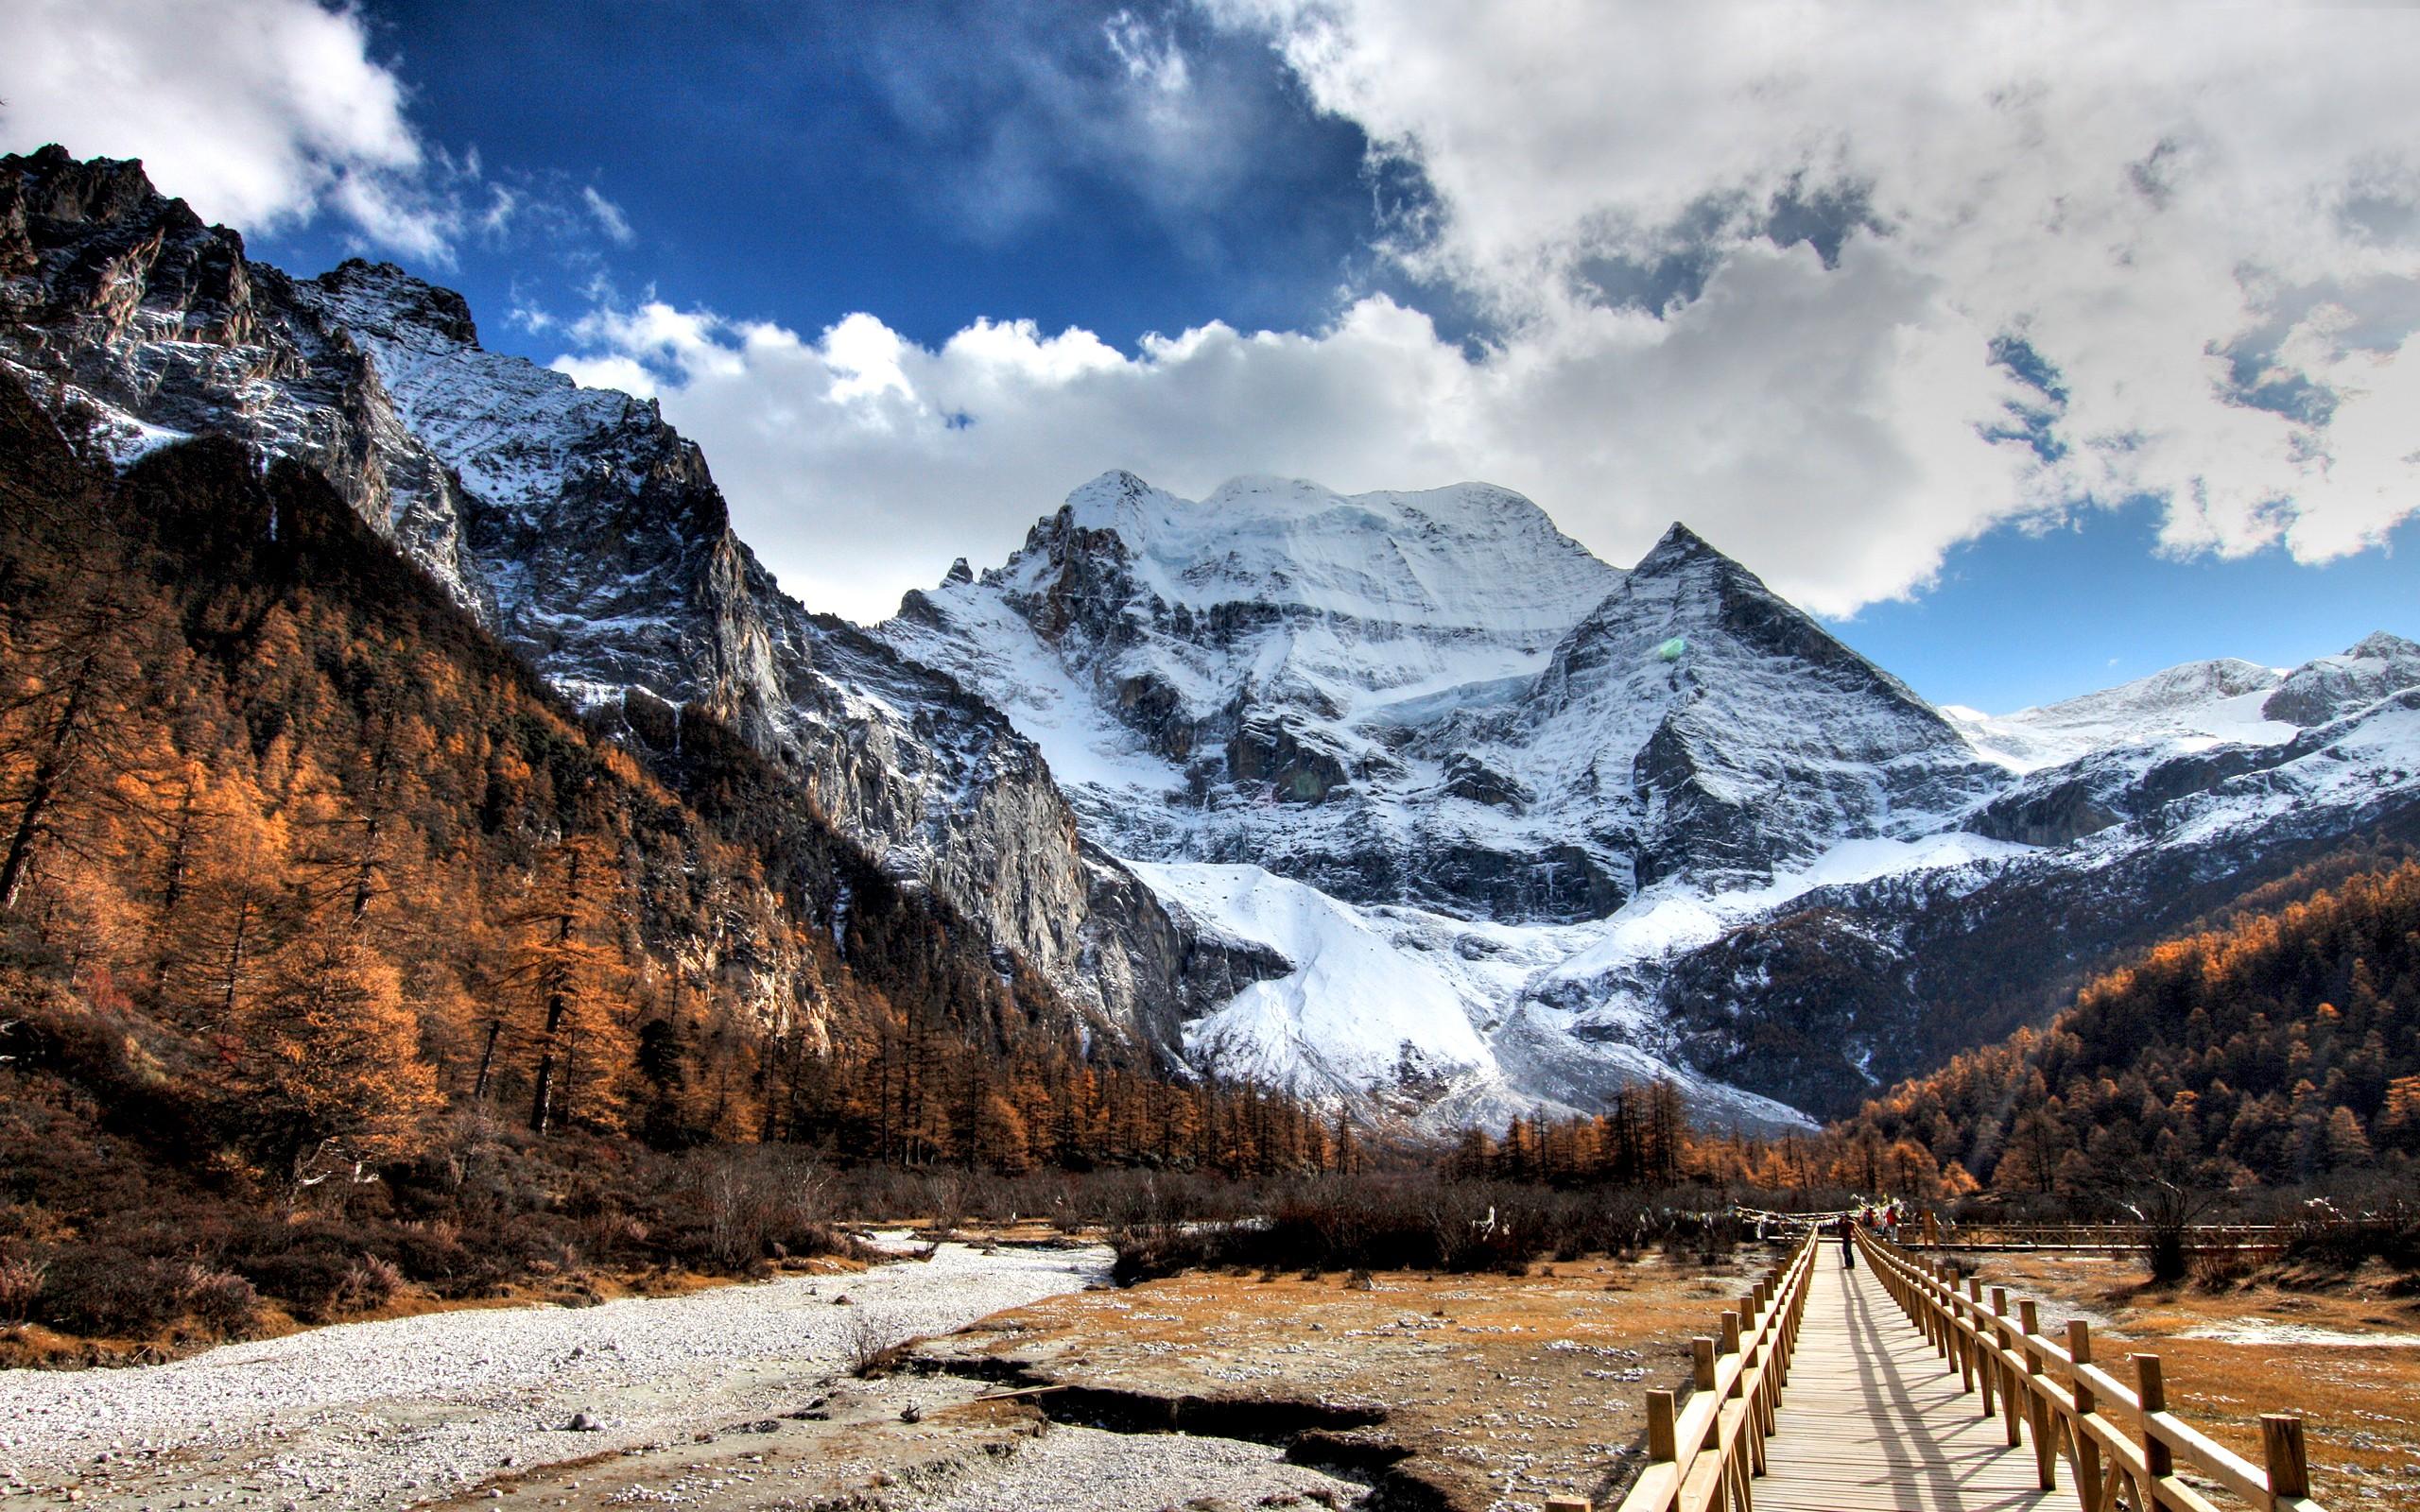 Mountains Landscapes Wallpaper 2560x1600 Mountains Landscapes Nature 2560x1600